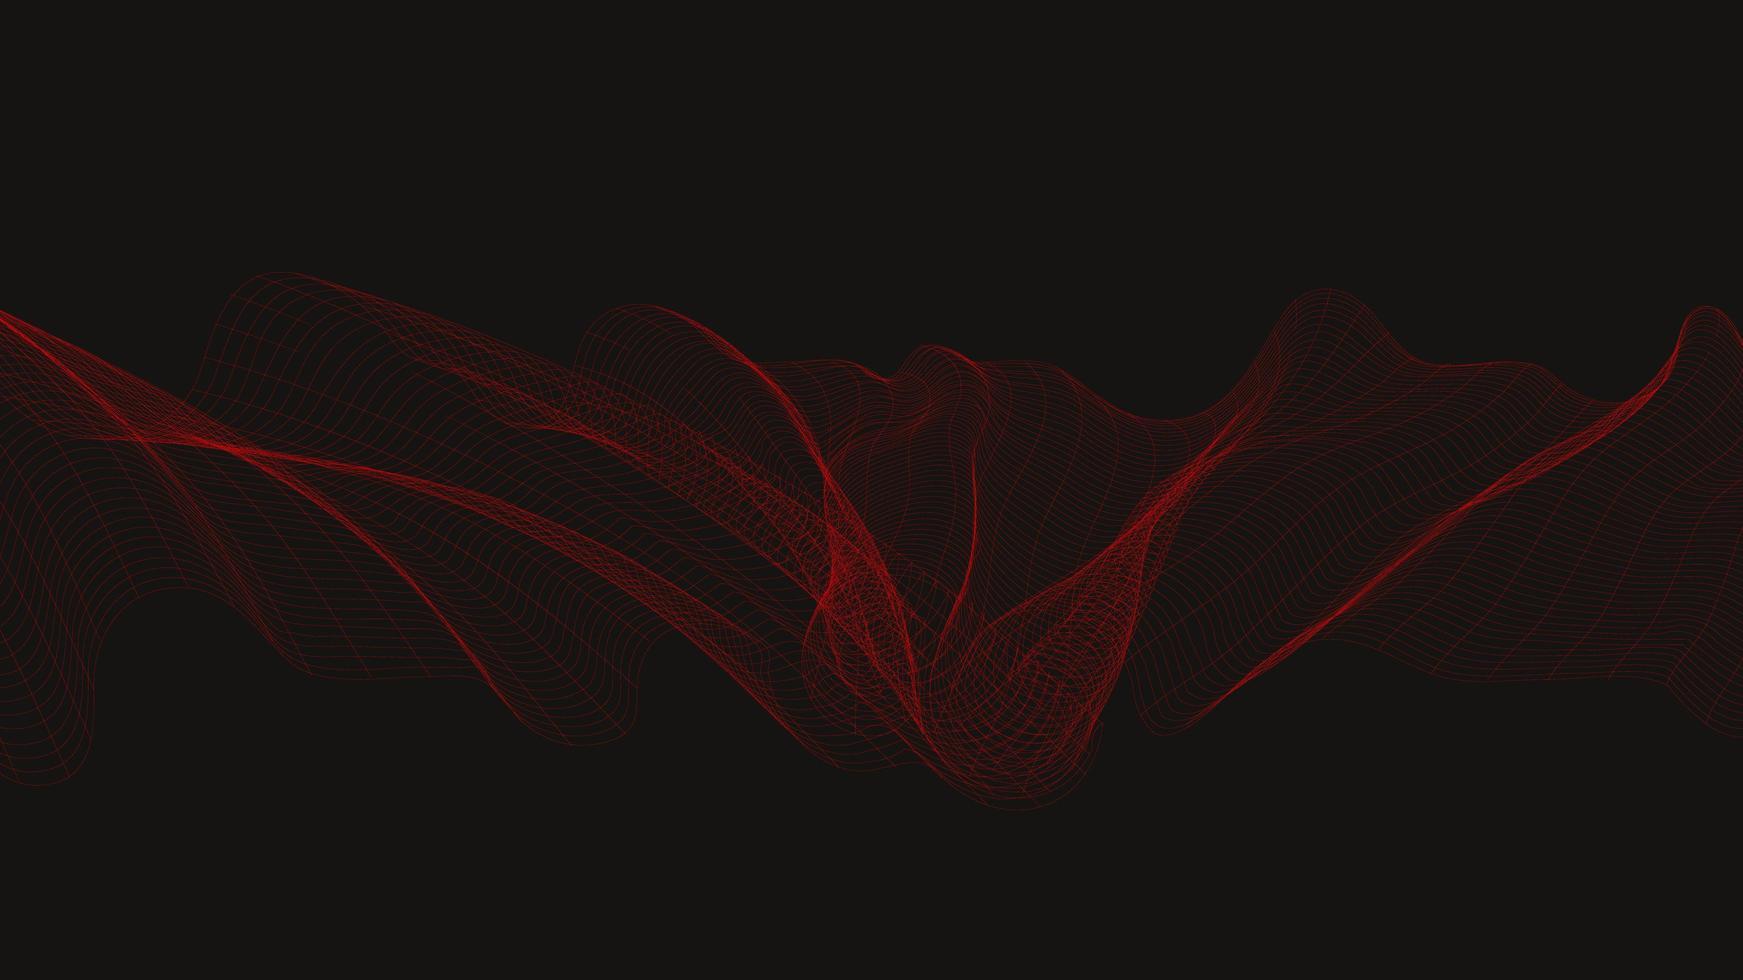 onda sonora digitale rossa su sfondo nero vettore